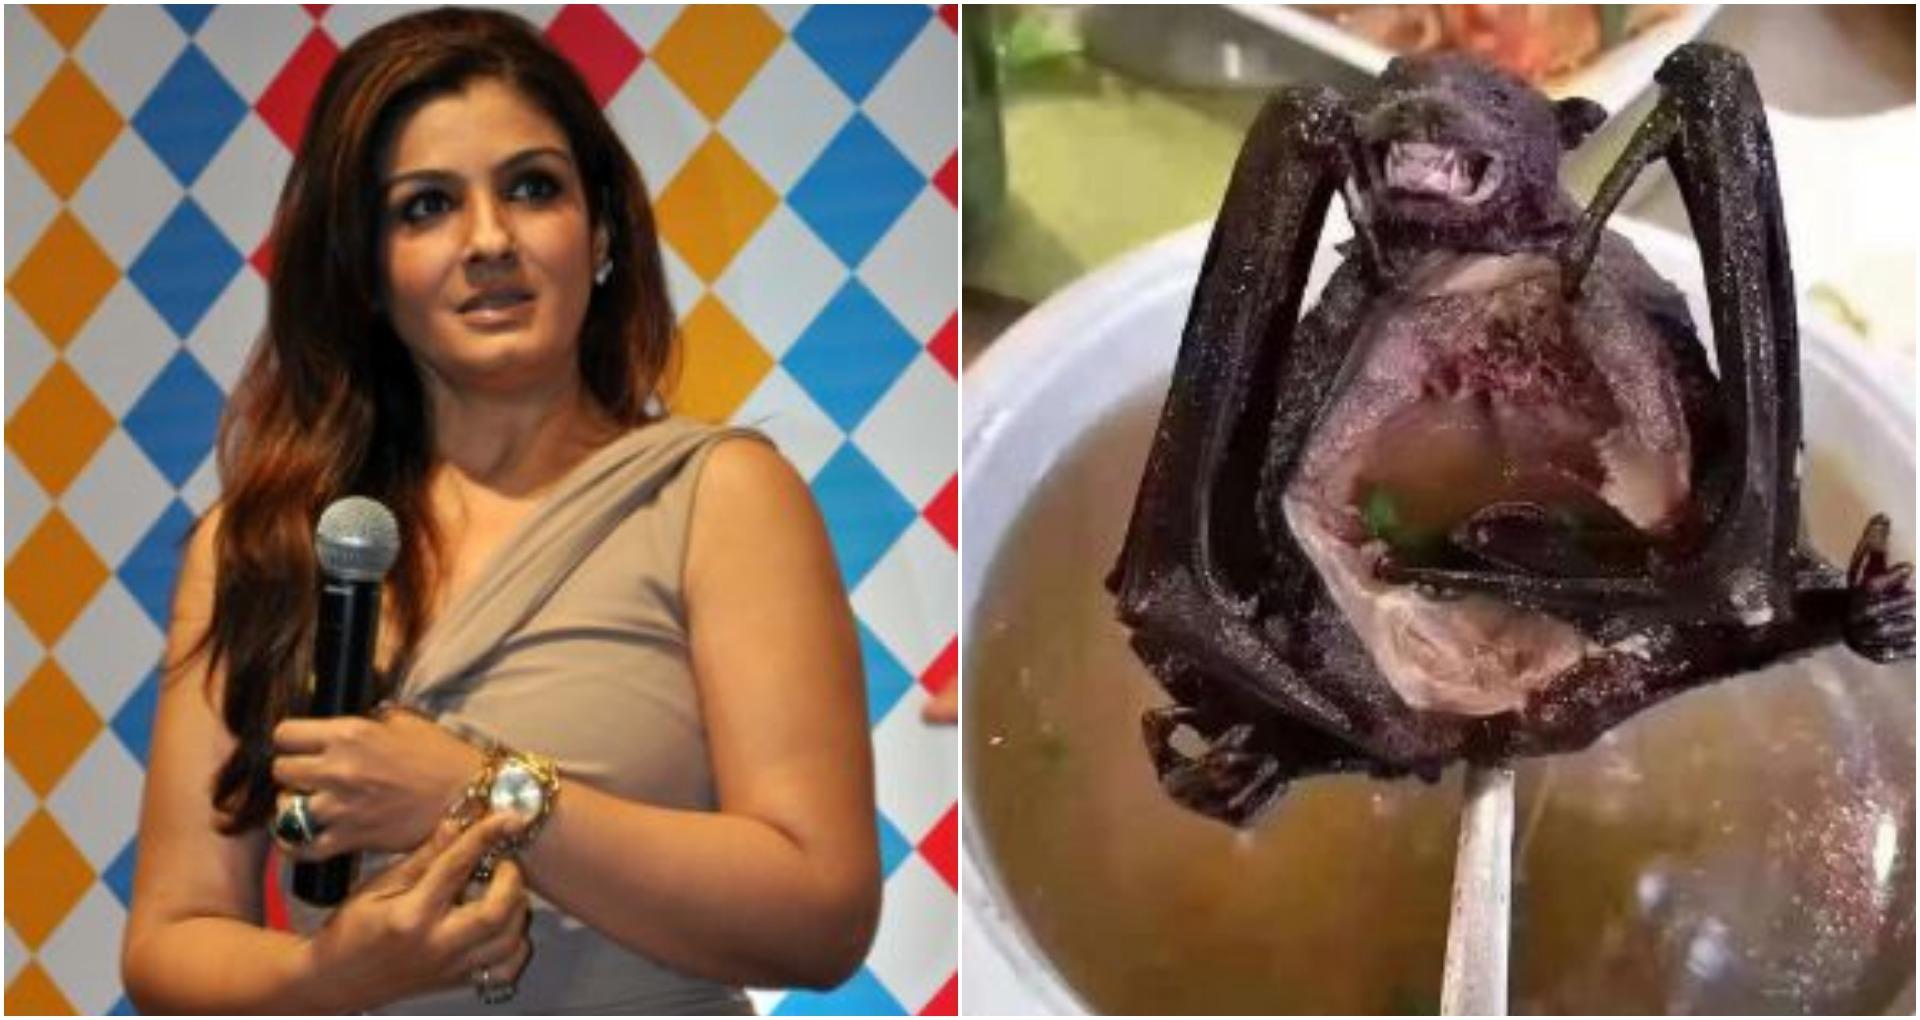 चीन में फिर शुरू हुई चमगादड़ के मांस की बिक्री, रवीना टंडन ने कहा- इंसान ने सबक नहीं सीखा…